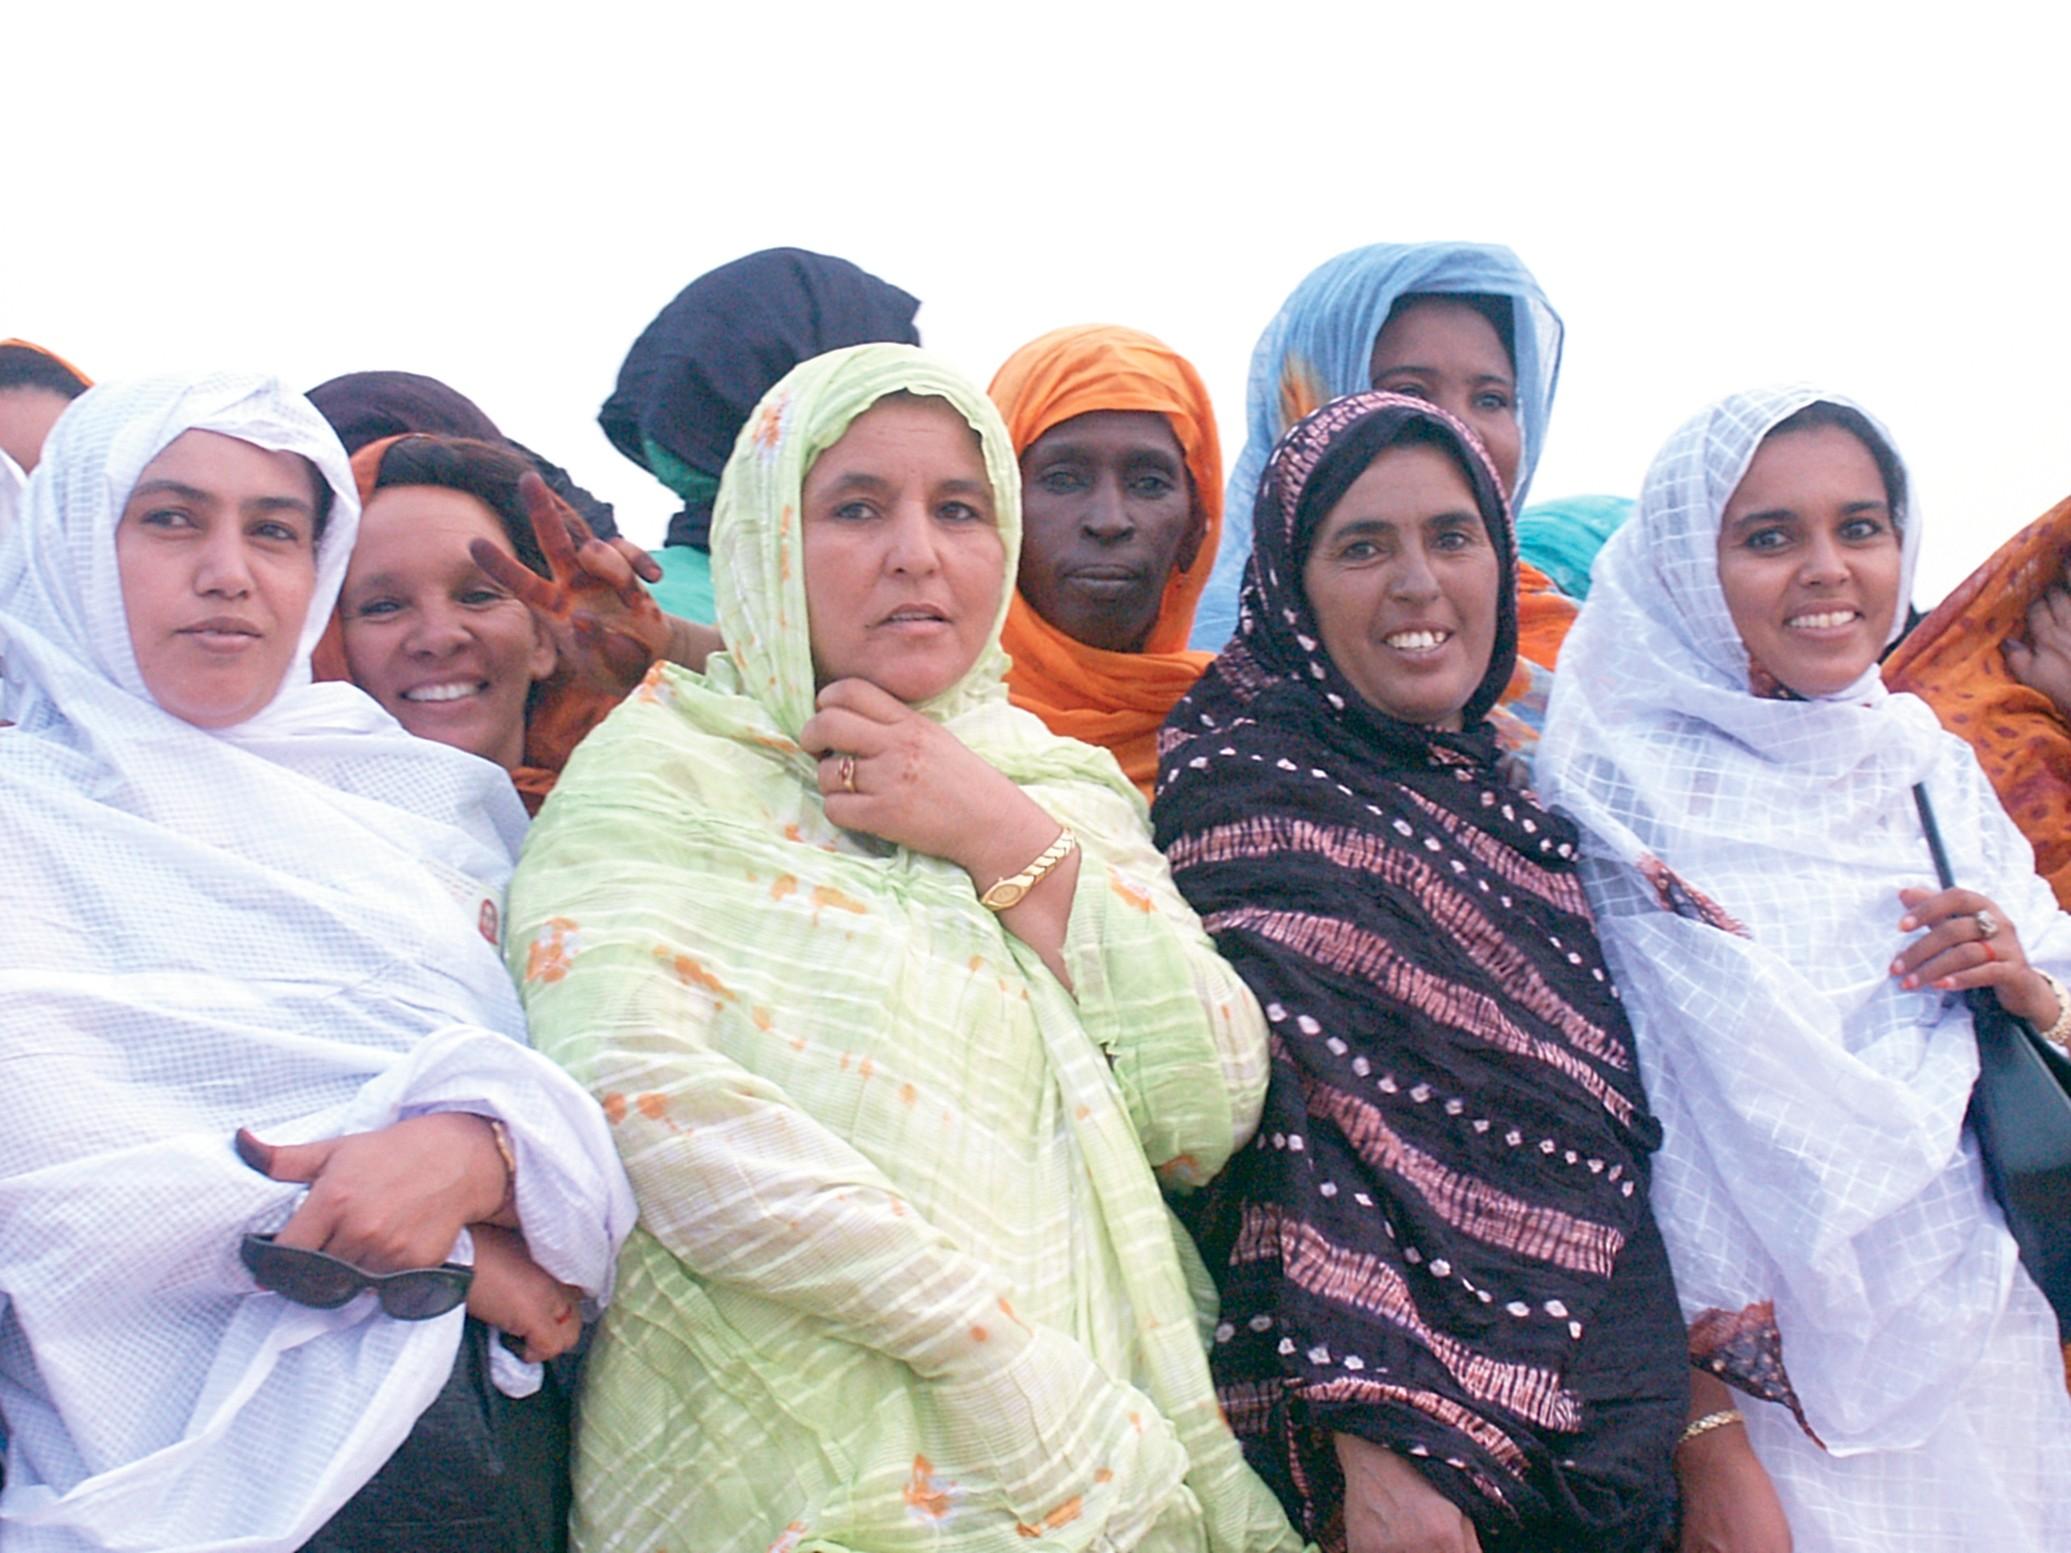 Saharalaiset odottavat rauhaa